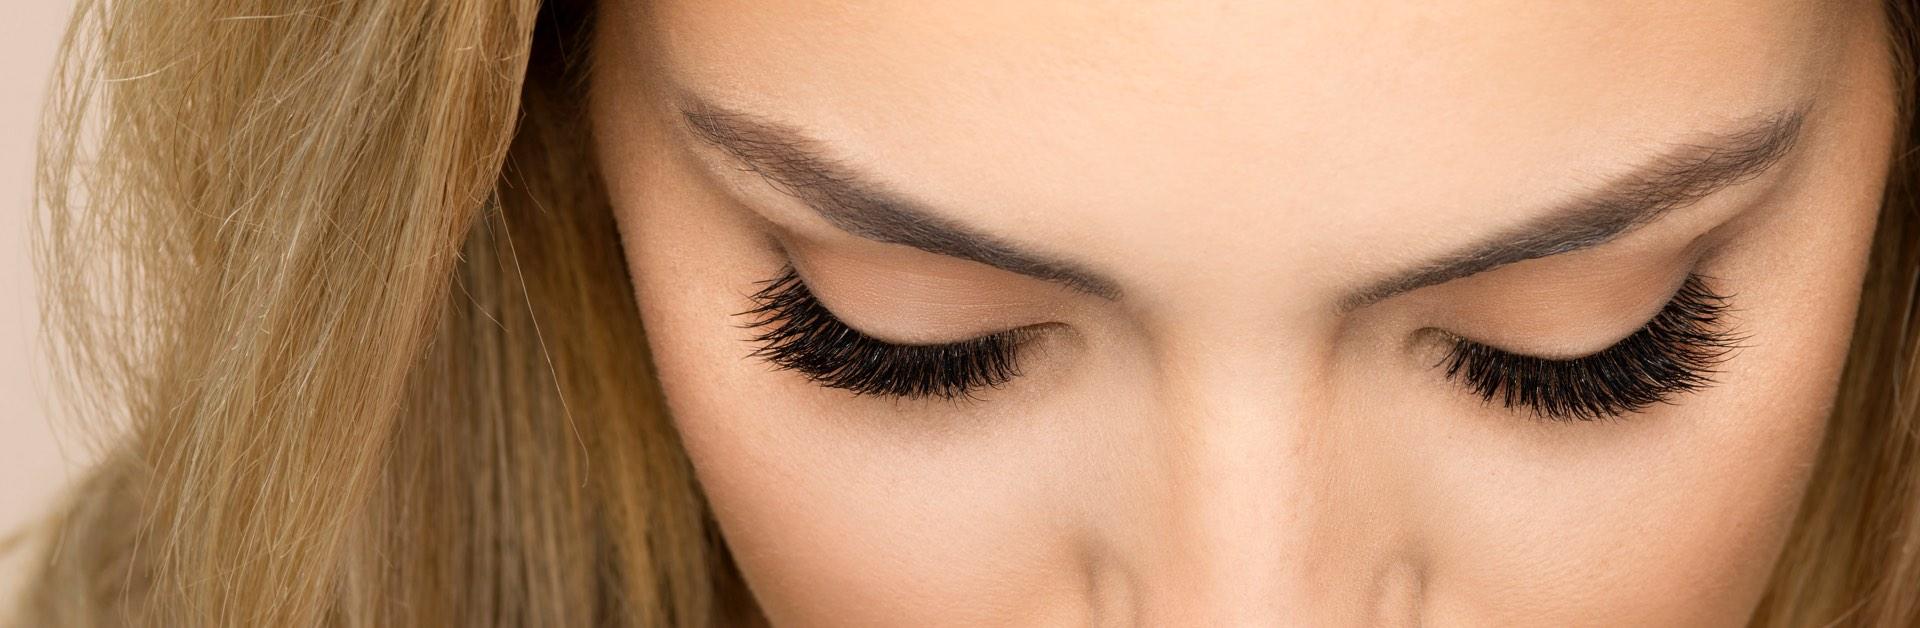 Volume Eyelash Extension Certification Training Xtreme Lashes